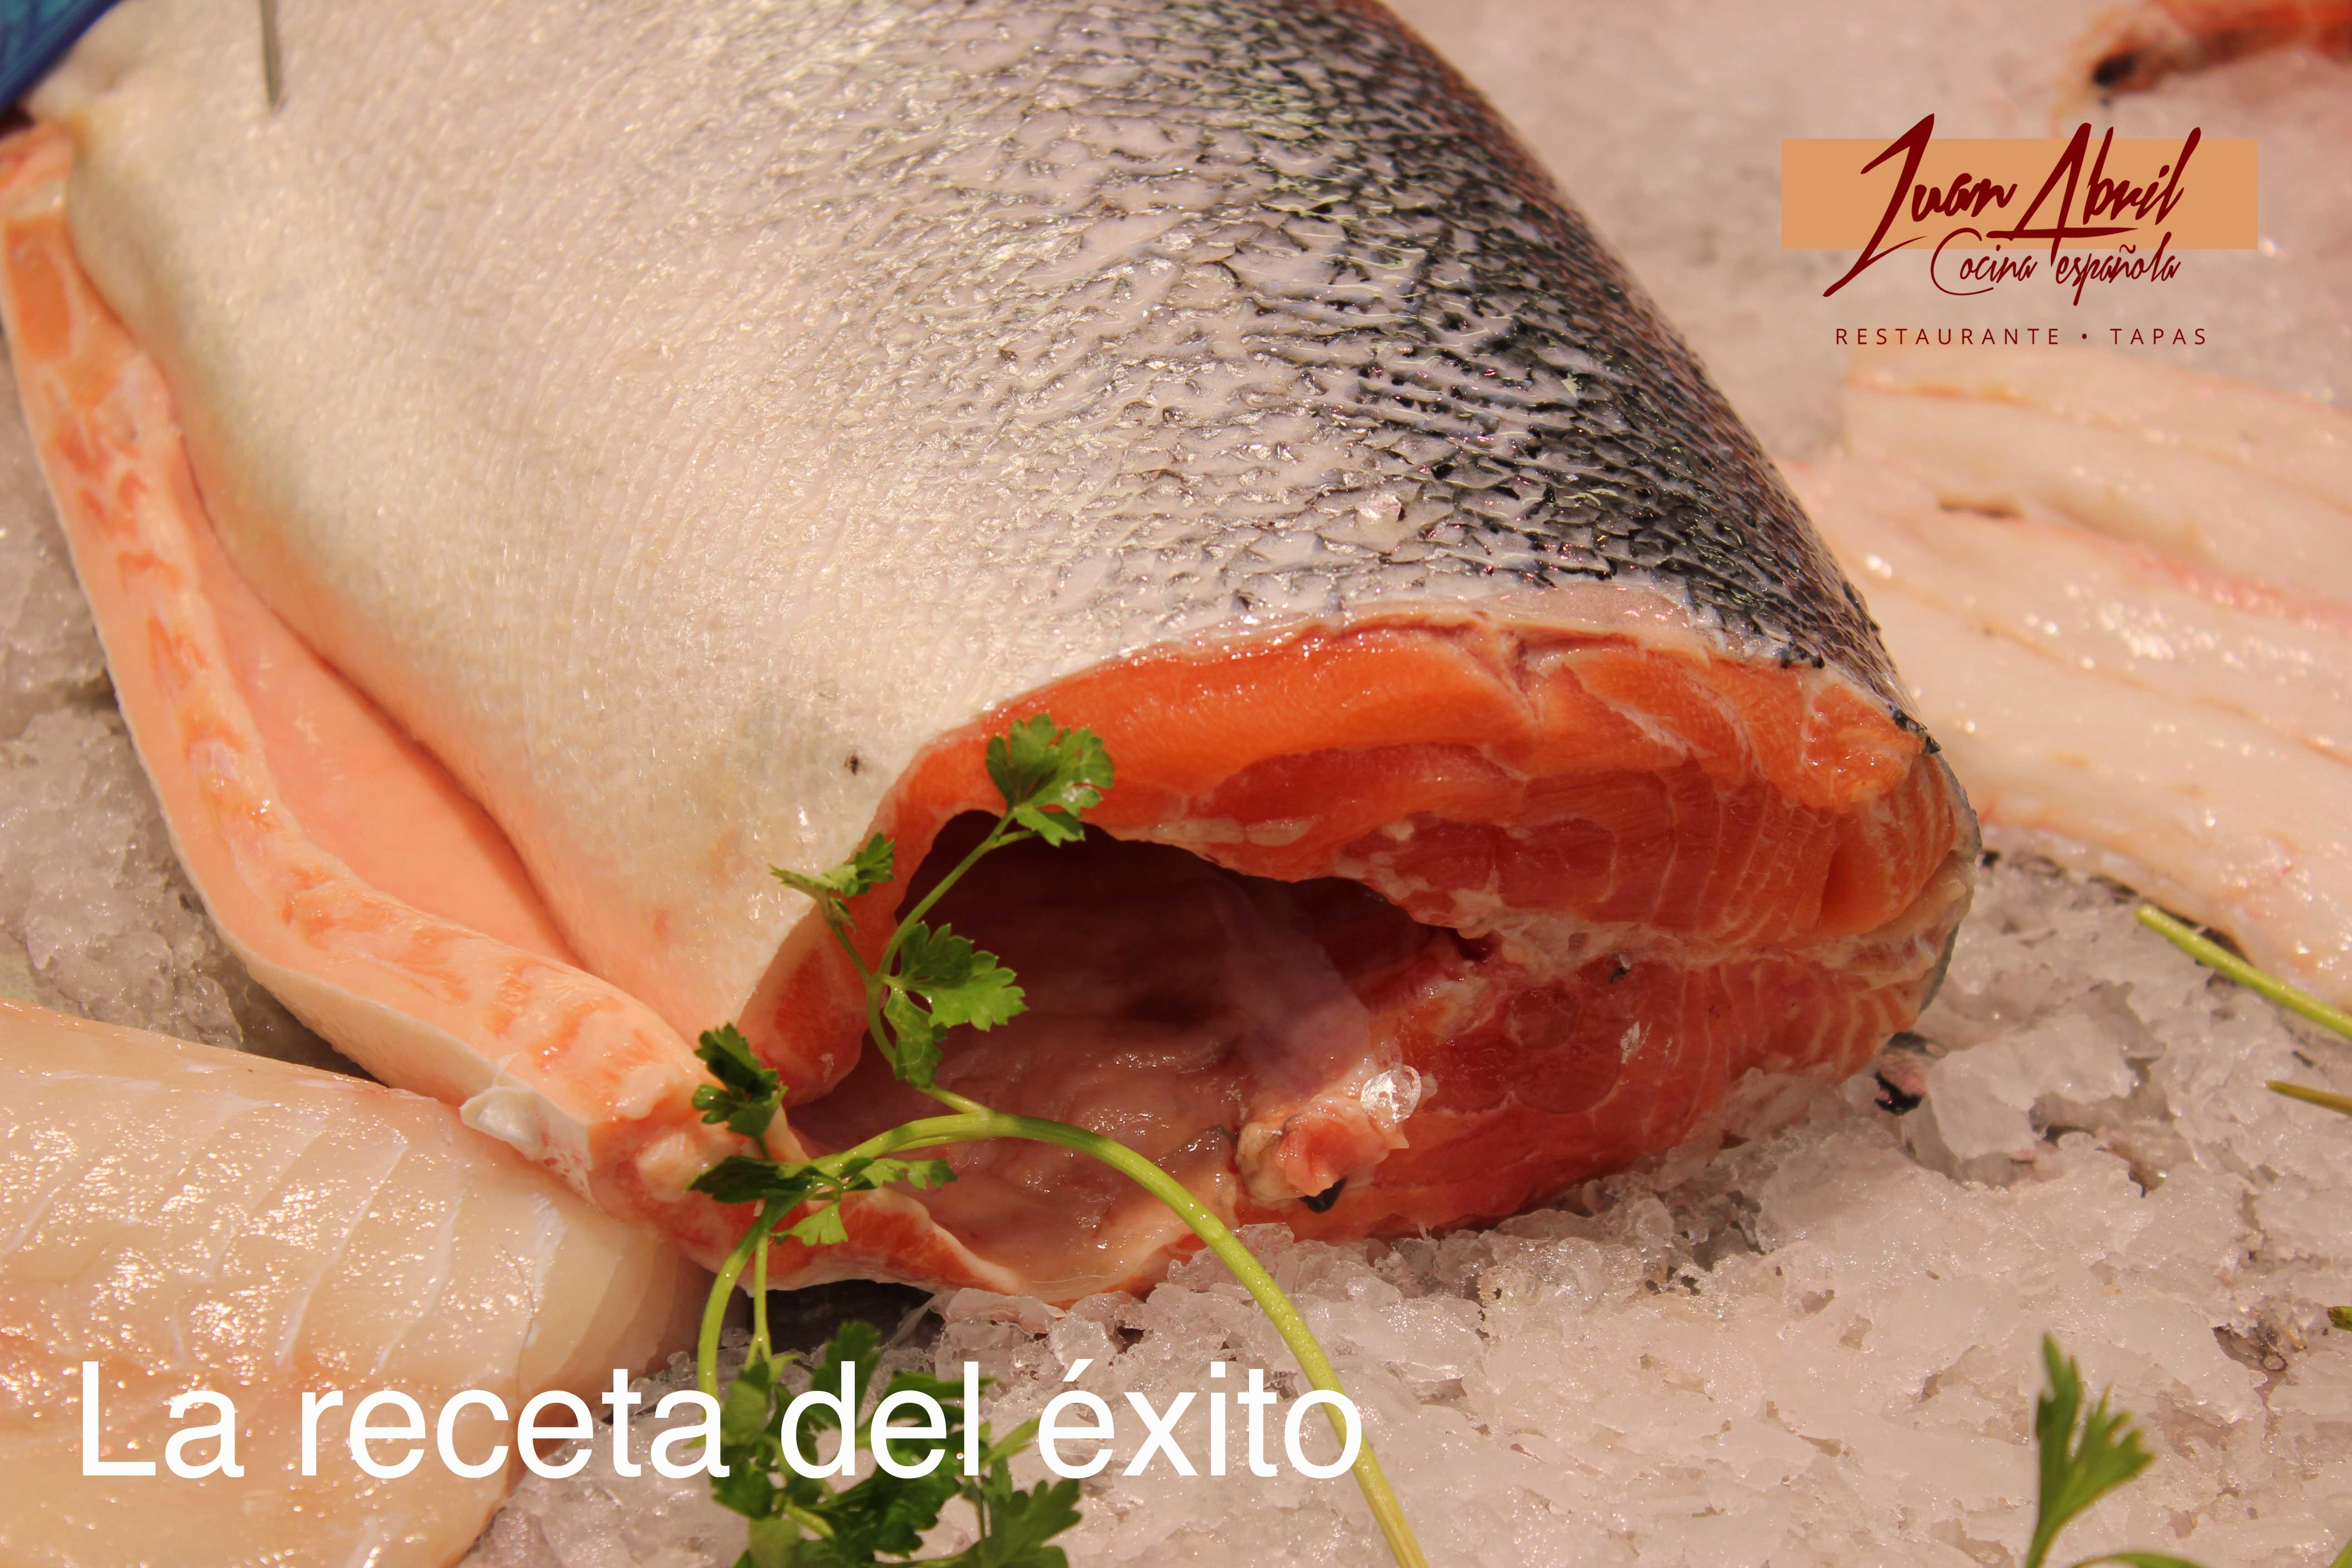 pescados Juan Abril altea